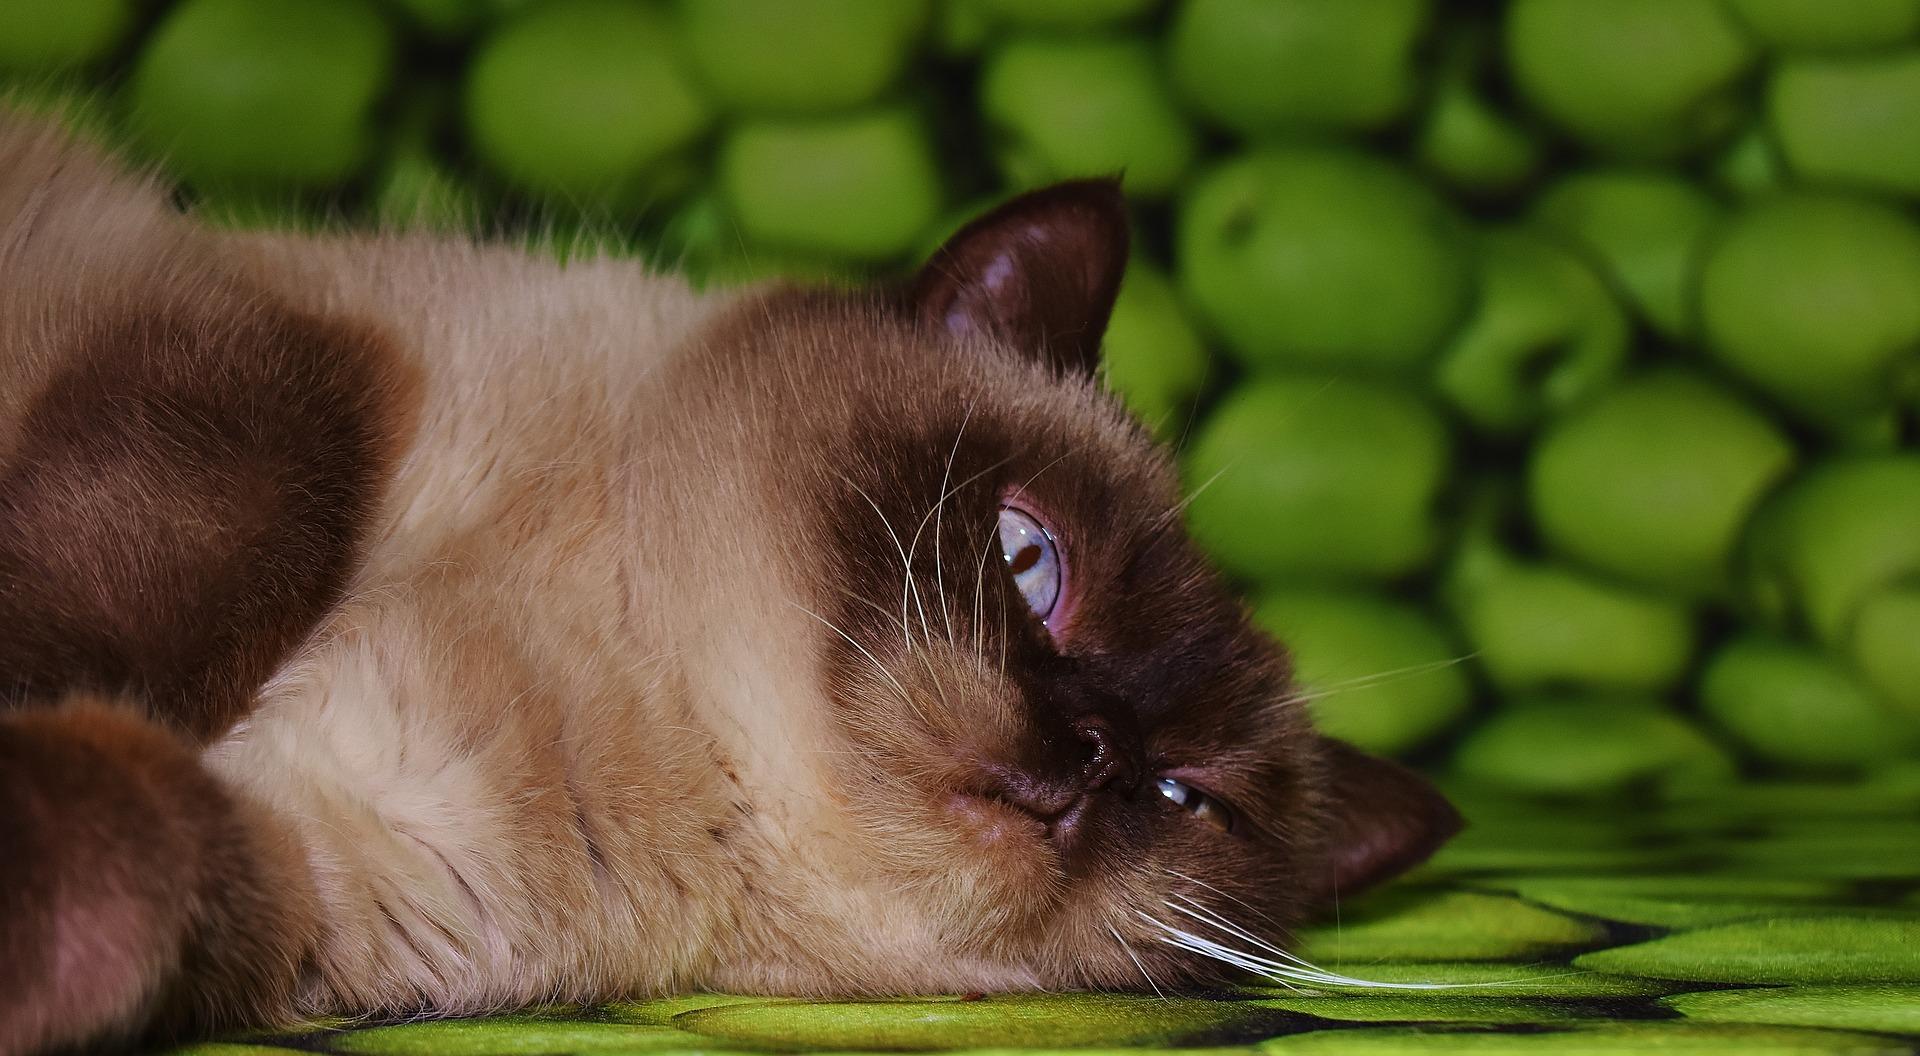 cat-2022264_1920